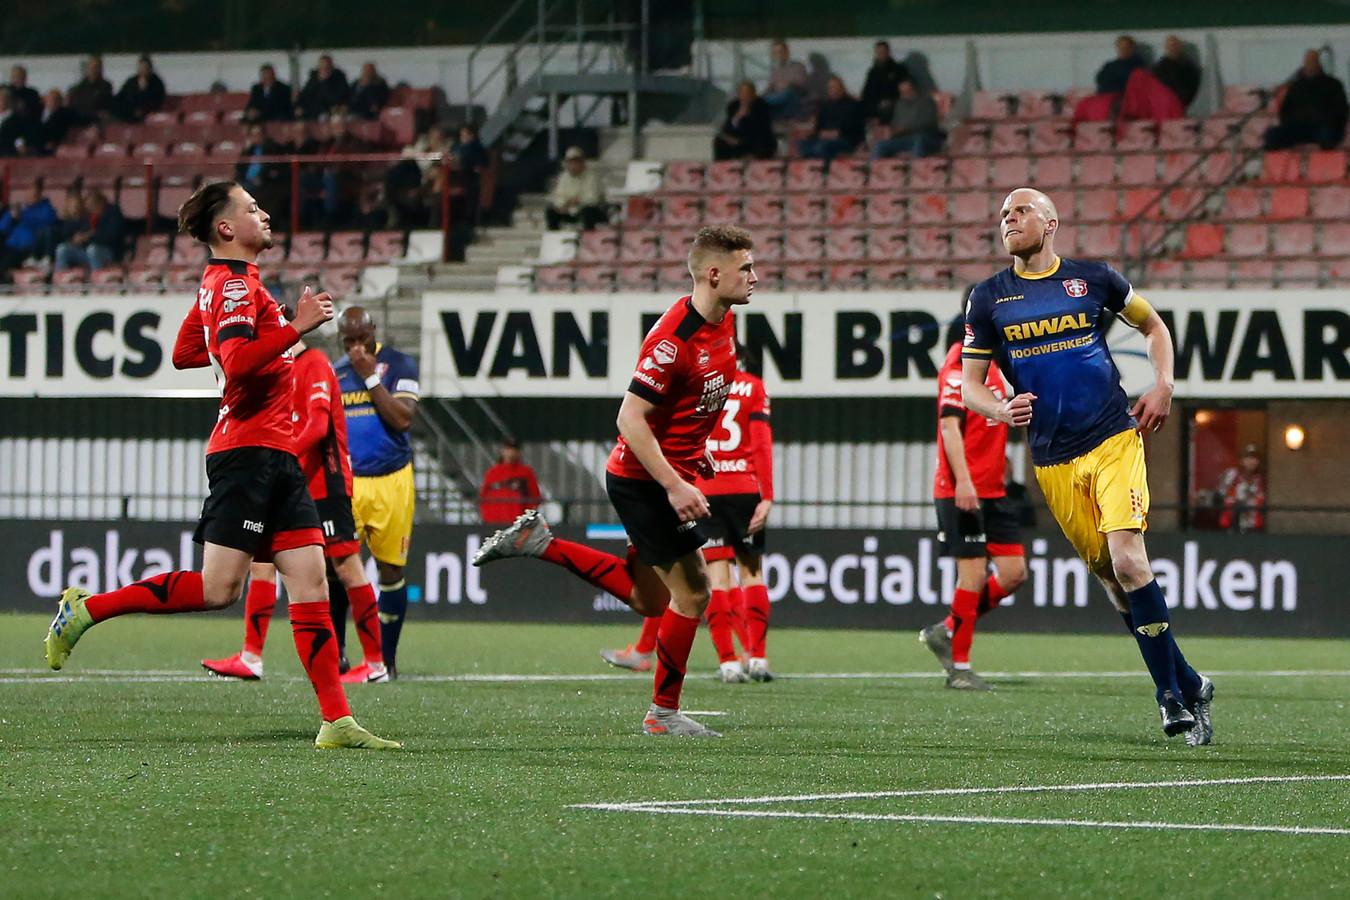 Daniel Breedijk benut in de slotfase een penalty voor FC Dordrecht.